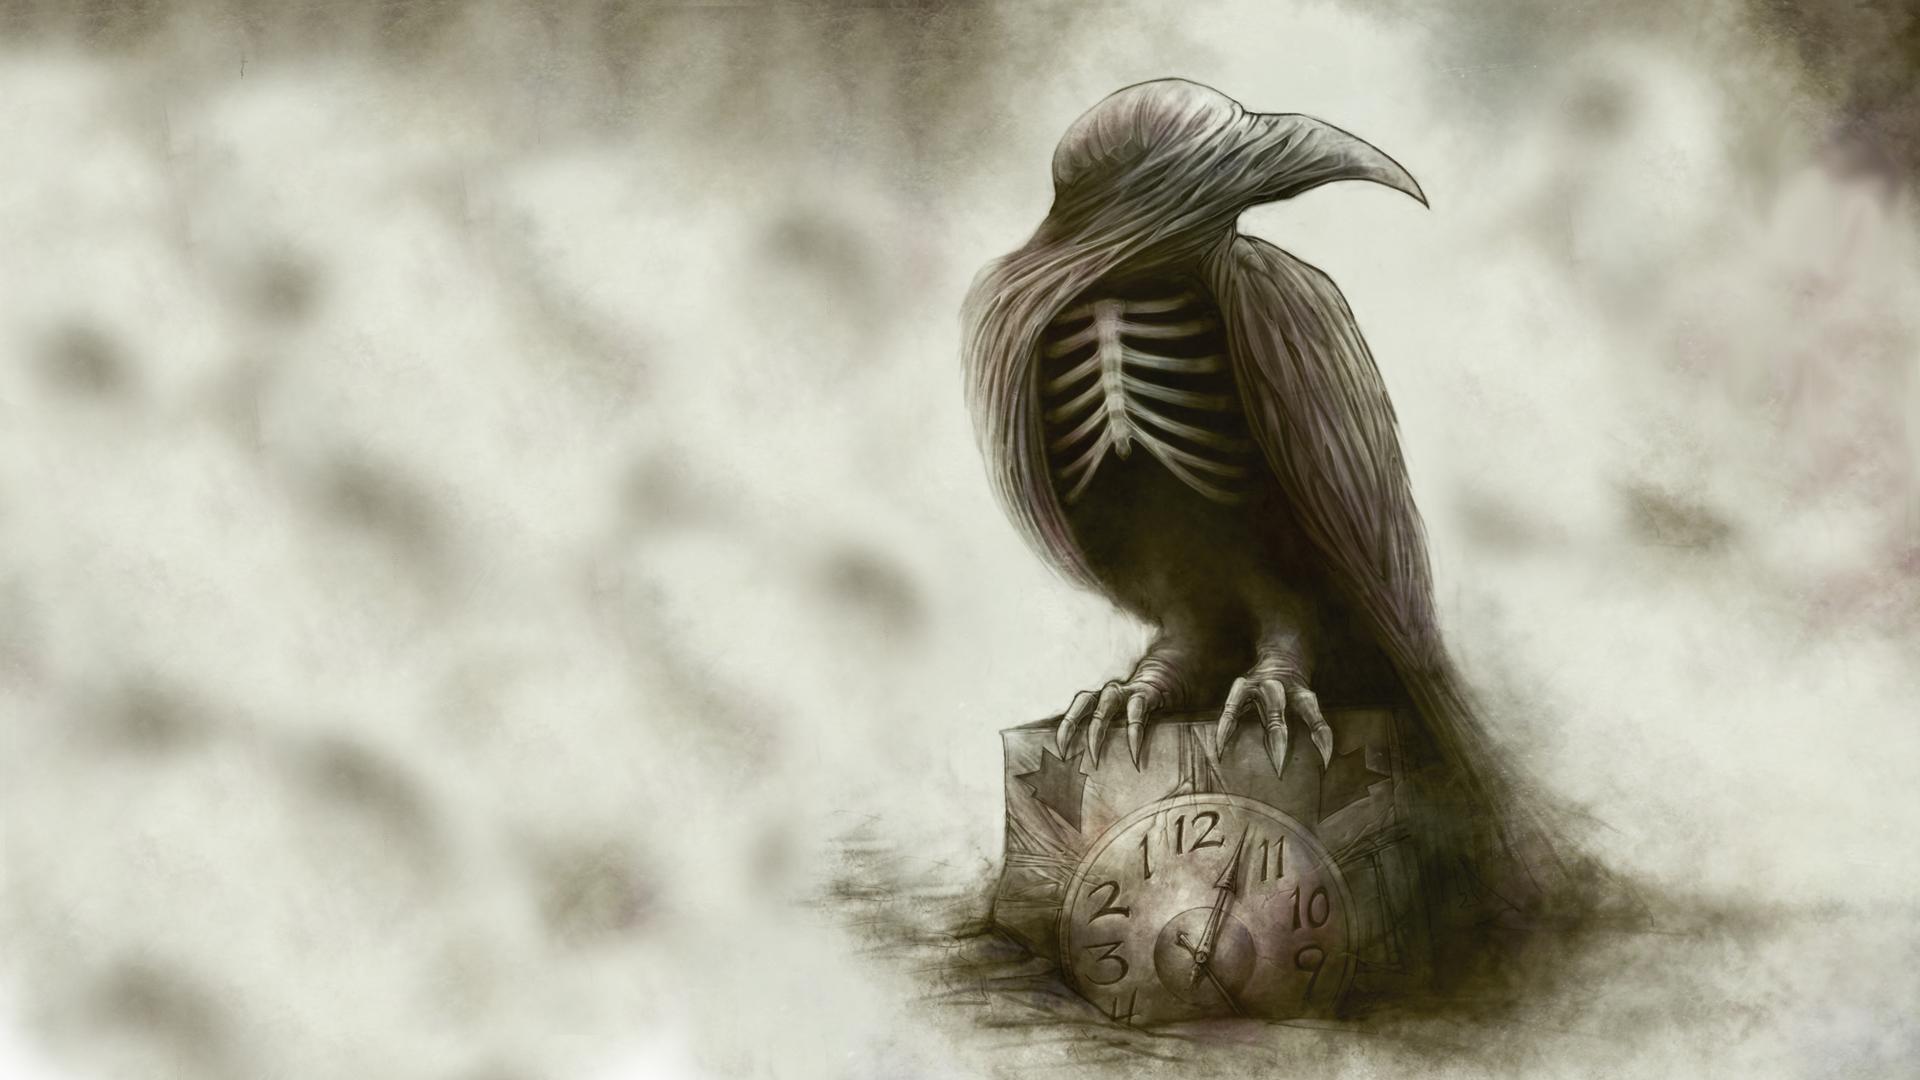 poe raven gothic dark wallpaper 1920x1080 55072 WallpaperUP 1920x1080